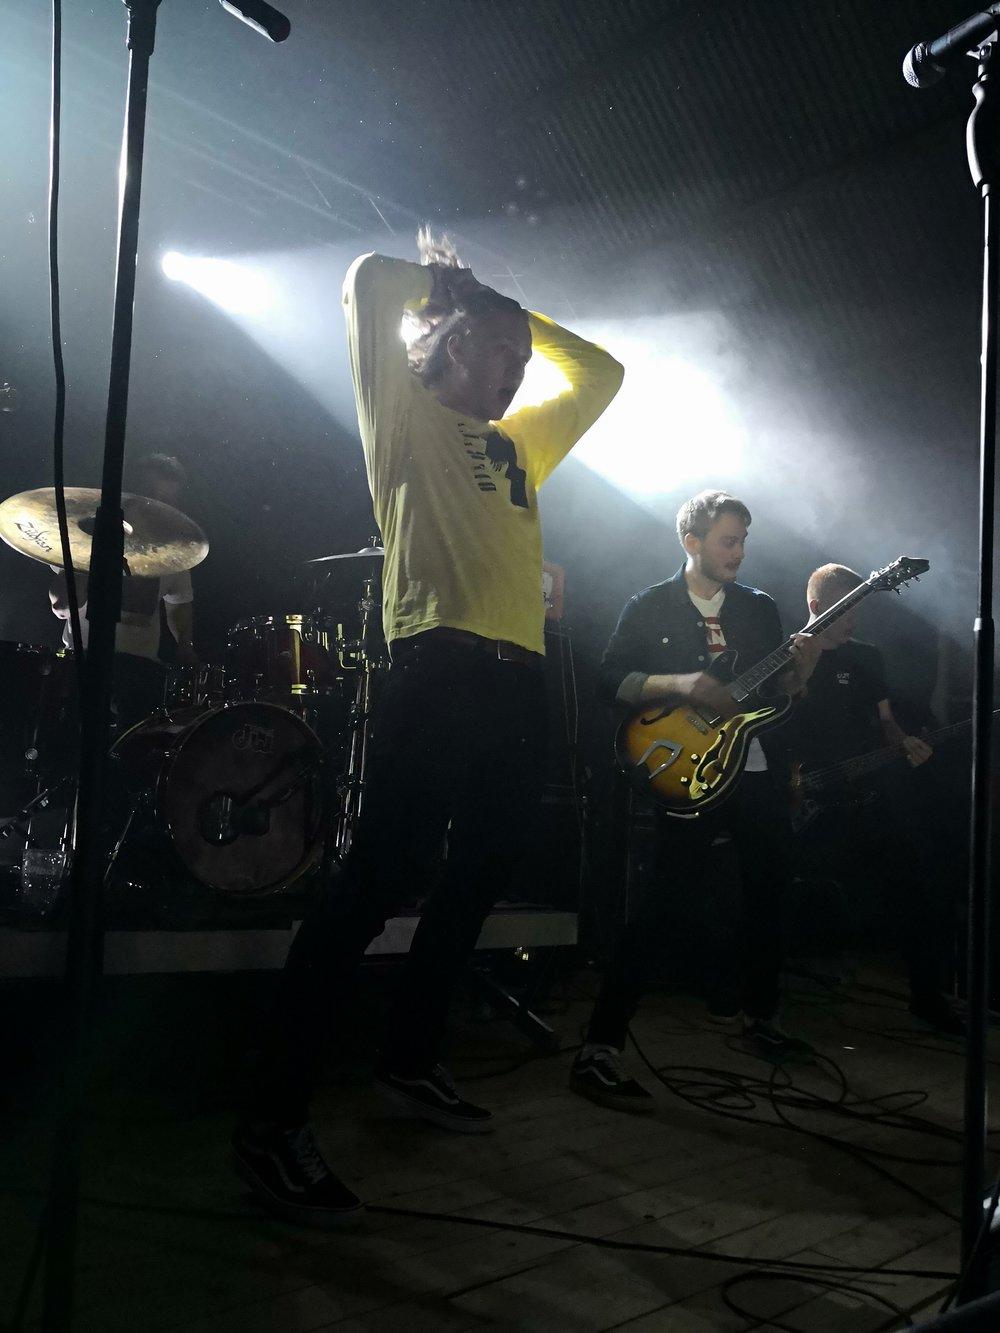 Lüt rocka scenen skikkelig på fredagskvelden og spiller hard rock med elementer fra punk og hardcore. Foto: Charite Esp